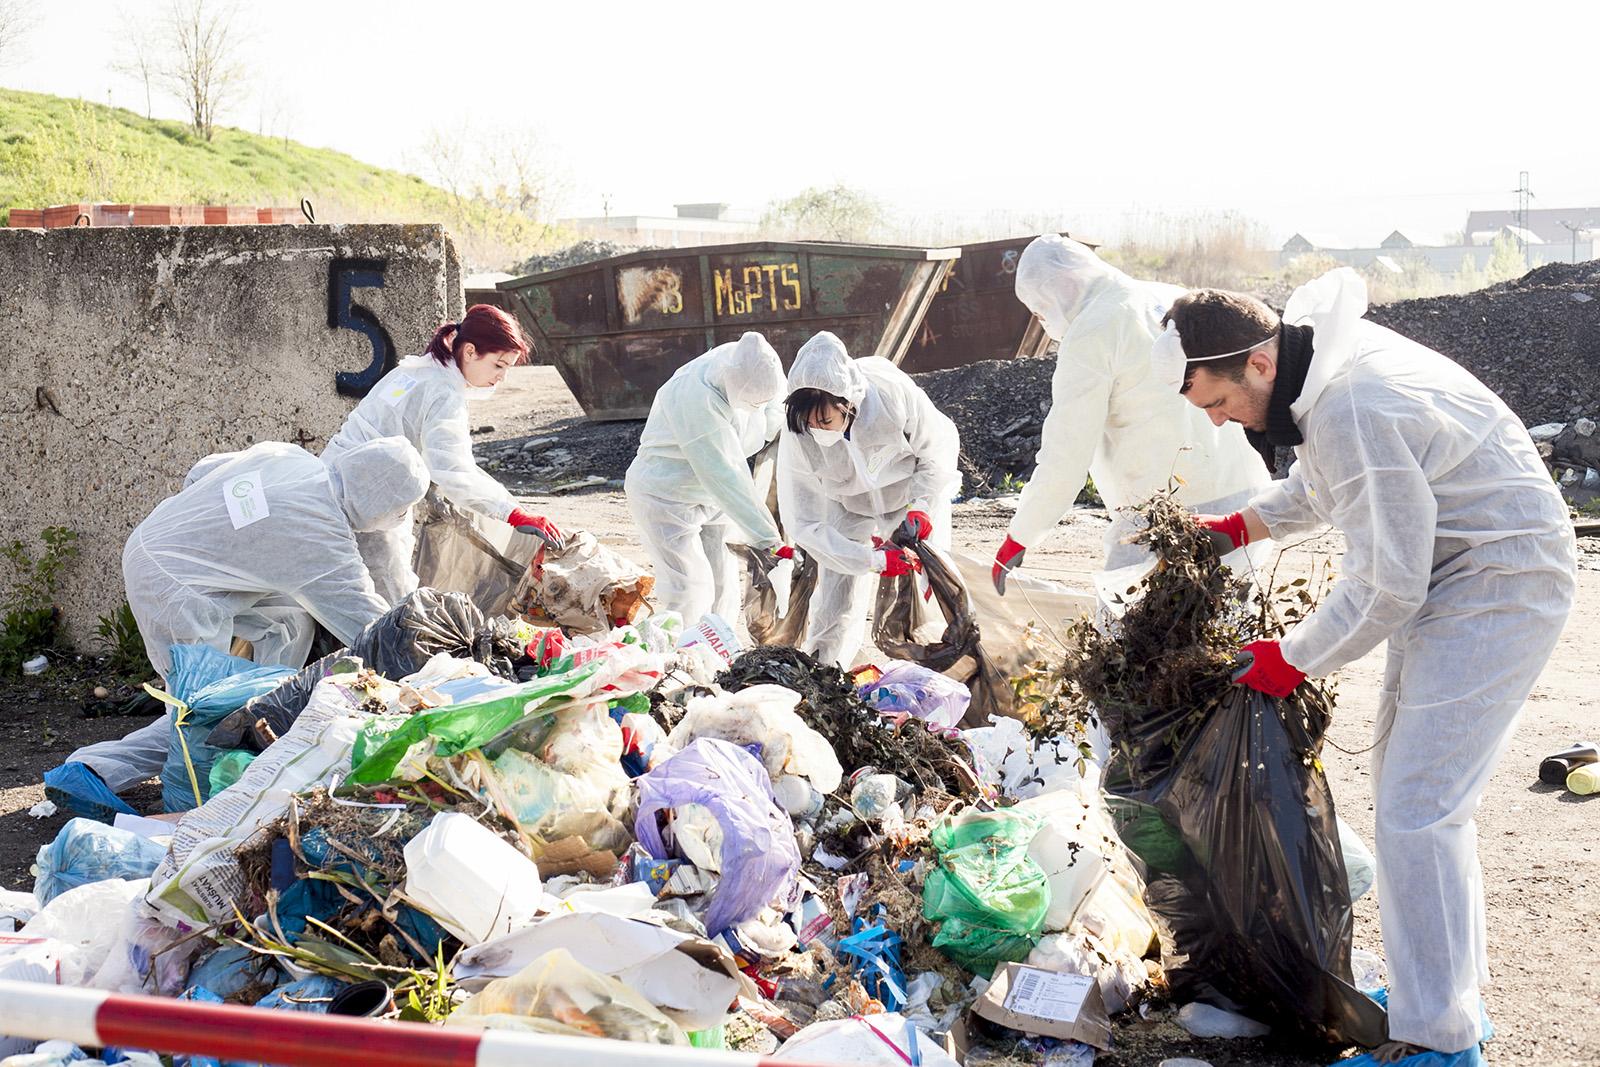 Suroviny sa míňajú a odpad sa hromadí. Súčasný ekonomický model sa preto bude musieť zmeniť, hovorí odborníčka na cirkulárnu ekonomiku Ivana Maleš